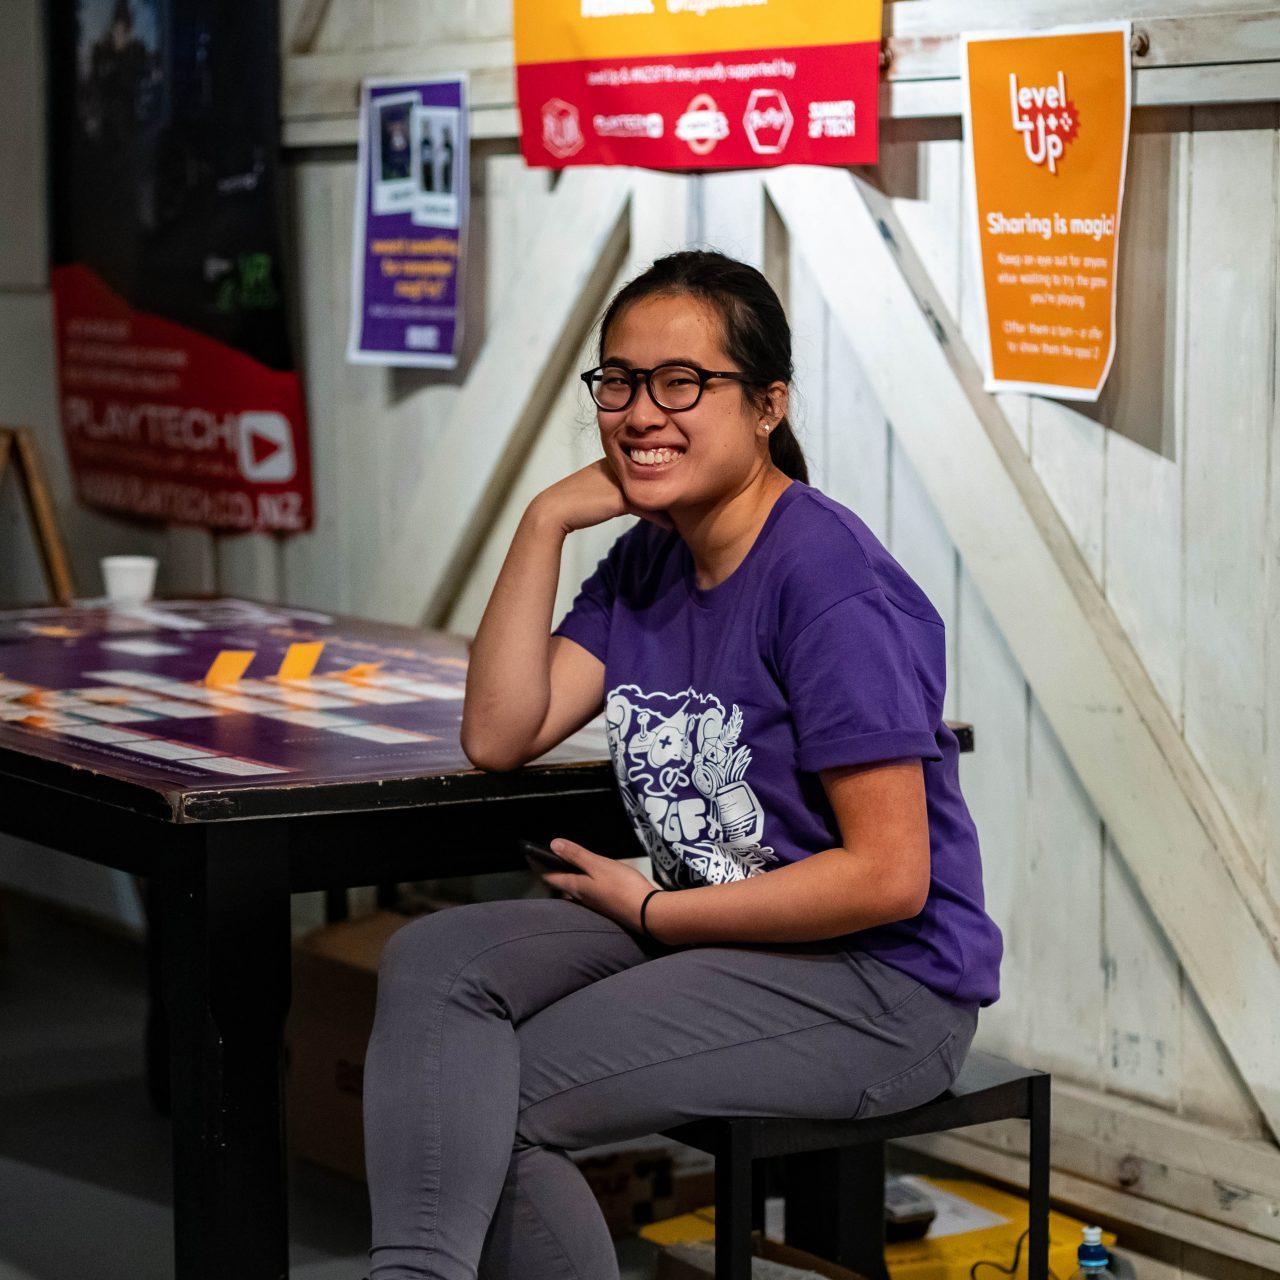 NZGF Volunteering